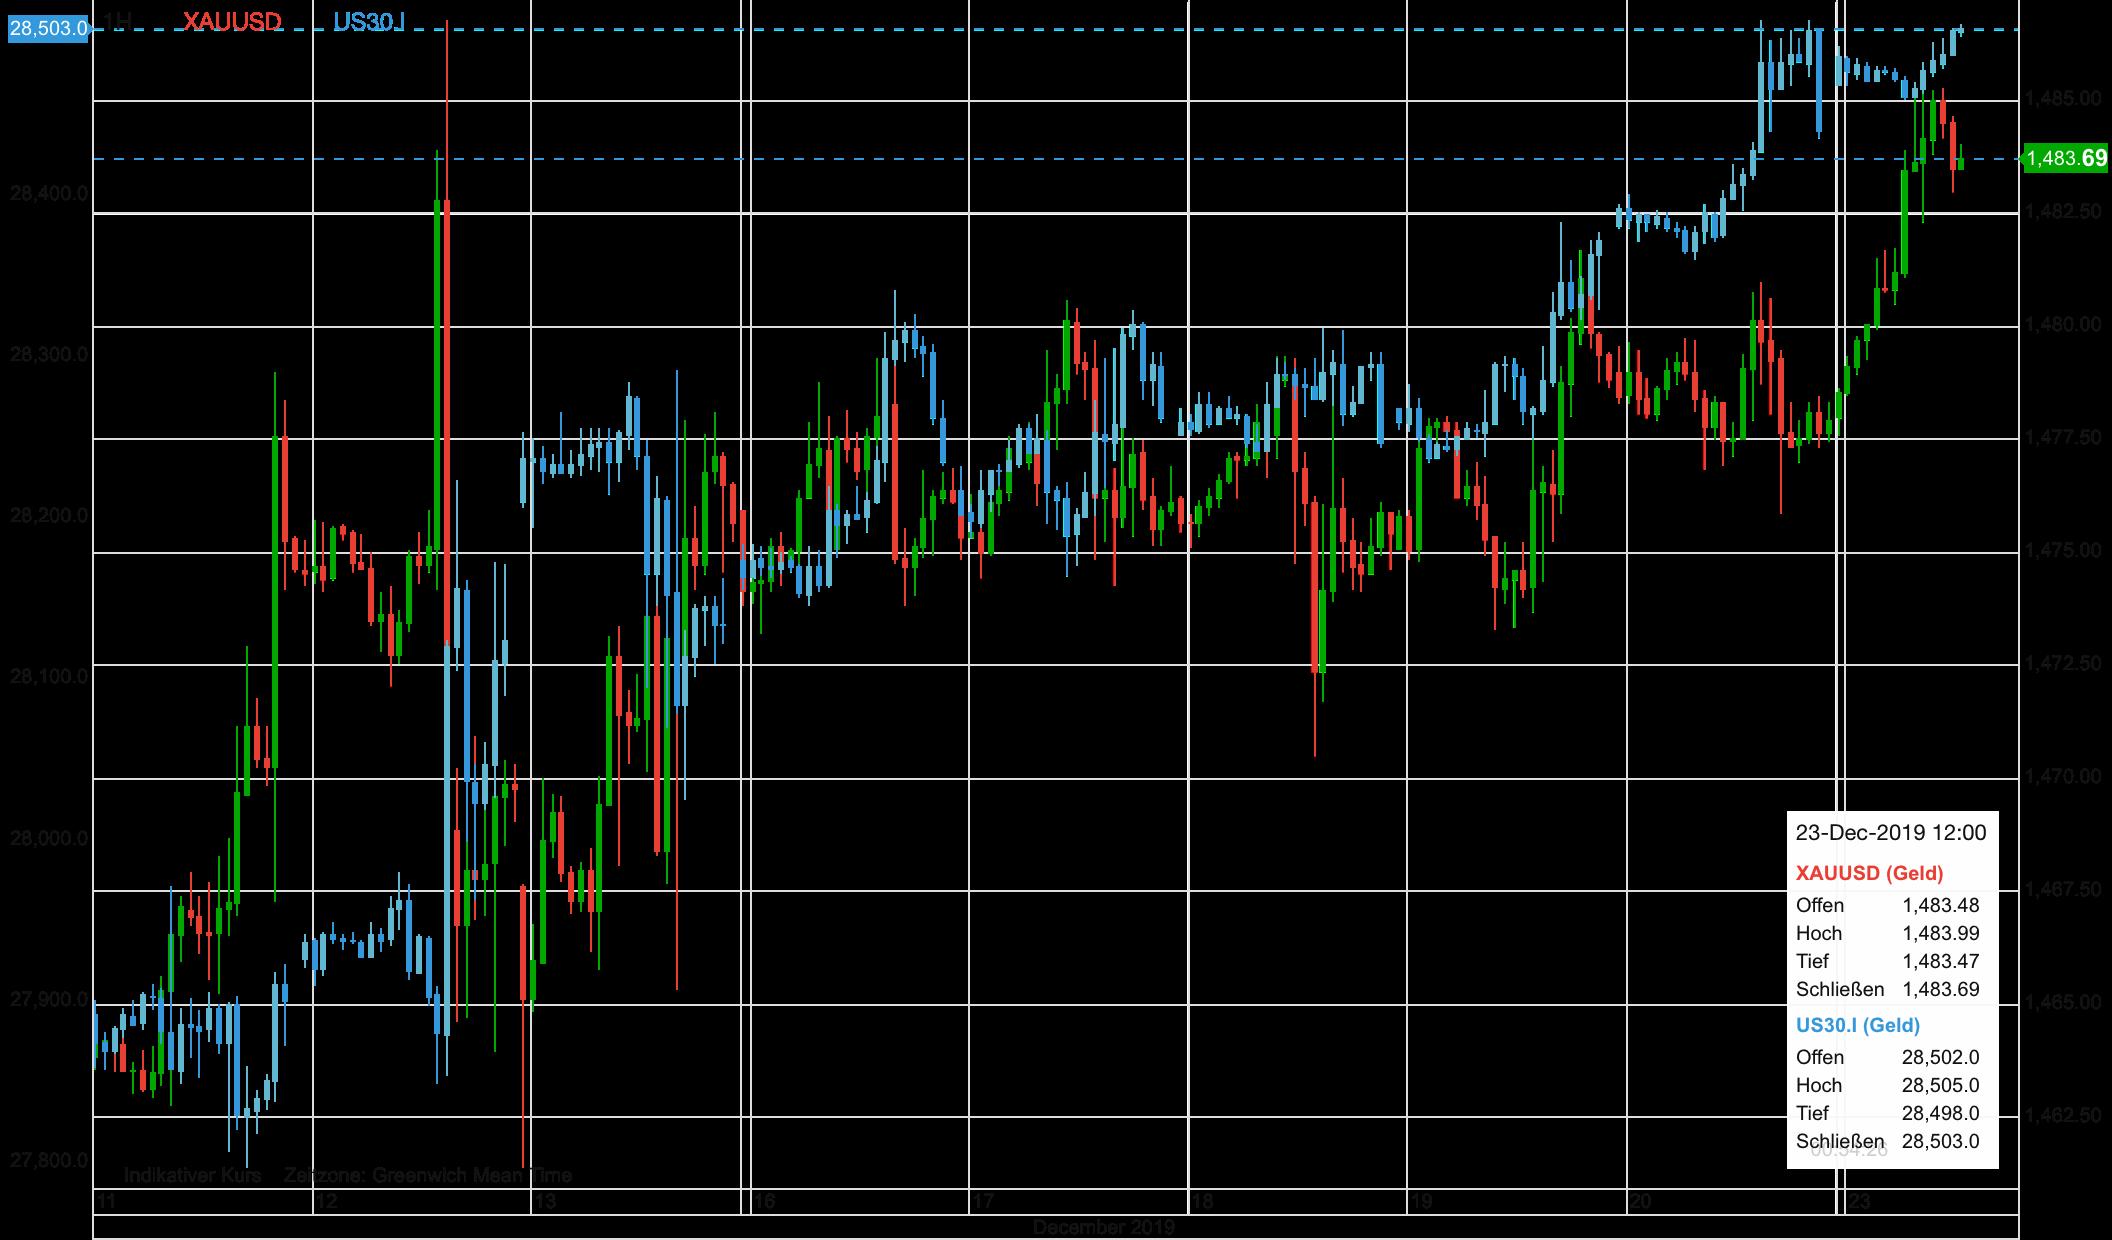 Goldpreis vs Dow 30 im Verlauf der letzten zehn Tage